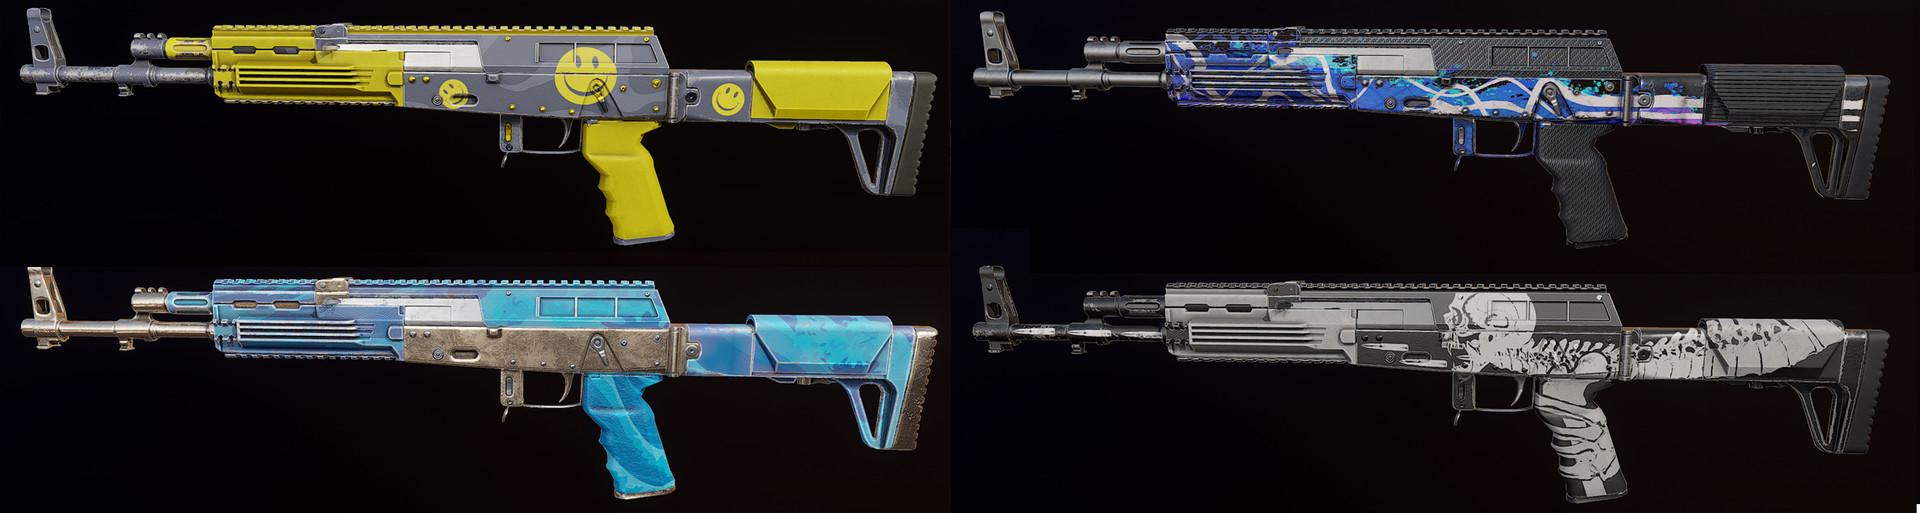 AK-12 Skins